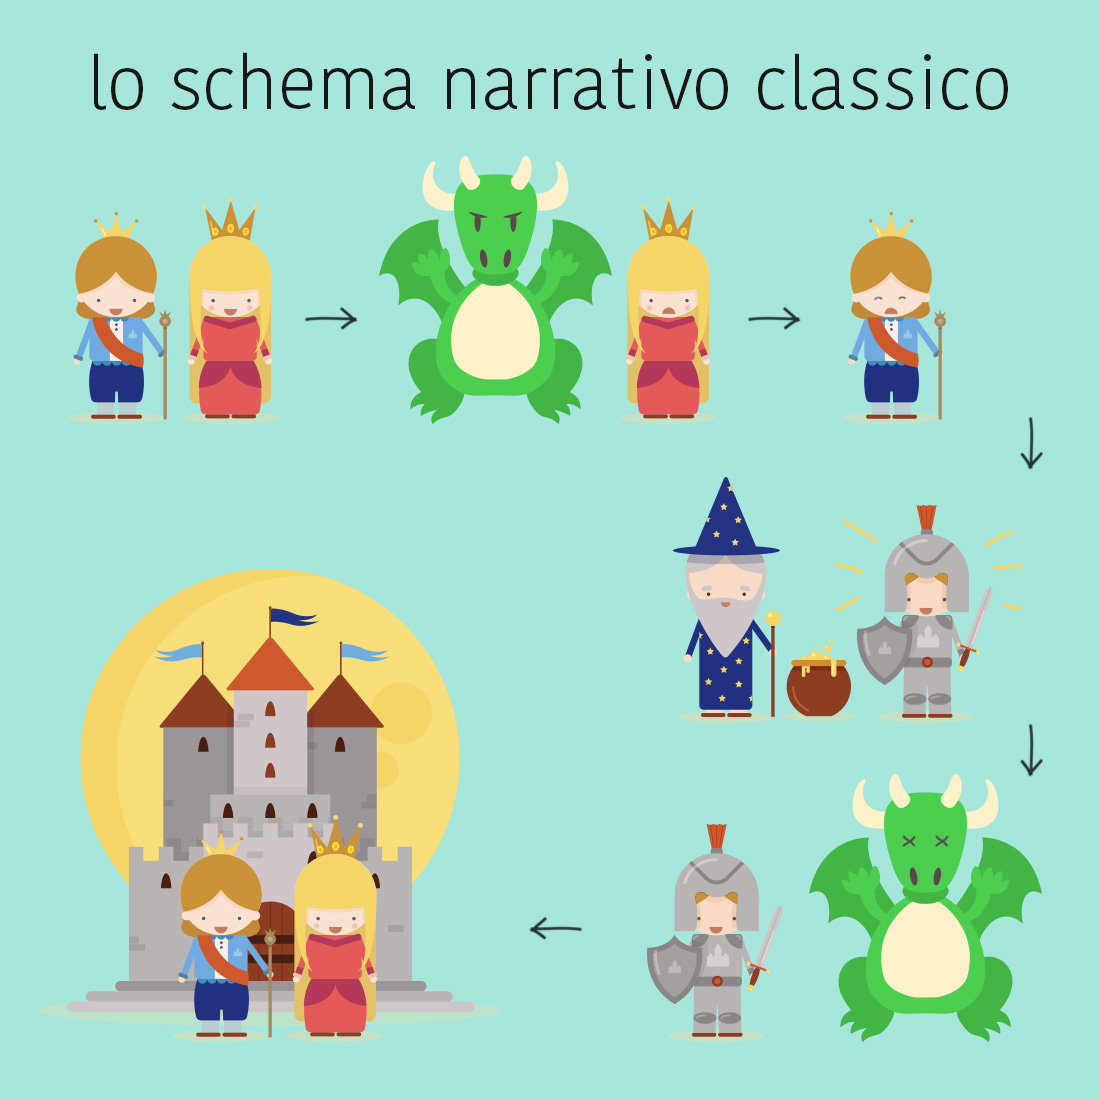 Schema narrativo classico valido anche per il Visual storytelling